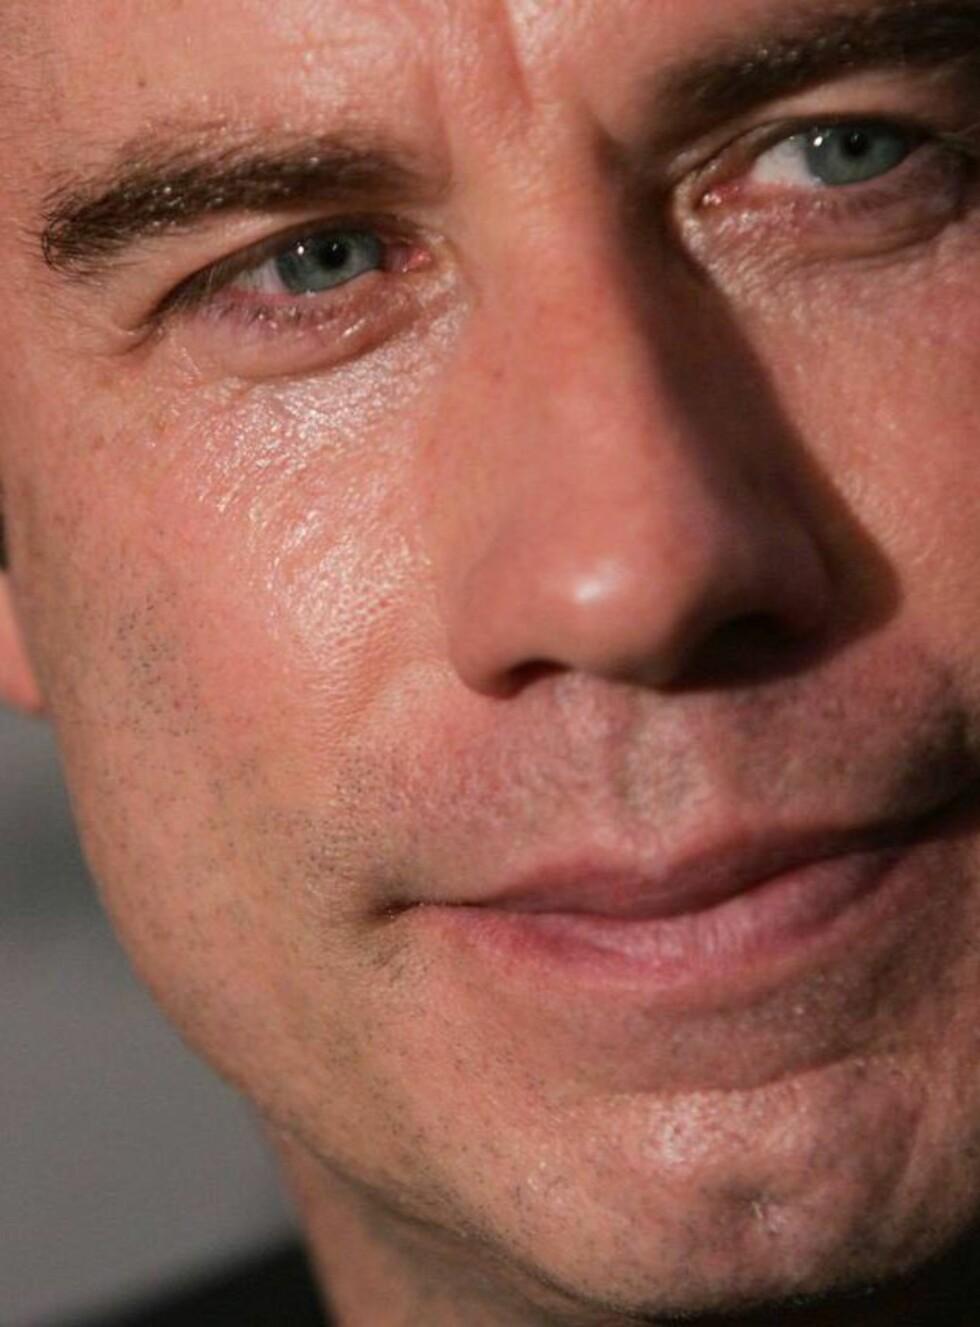 FIKK BLI: John Travolta var den eneste som ikke fikk sparken fra Dallas. Foto: All Over Press